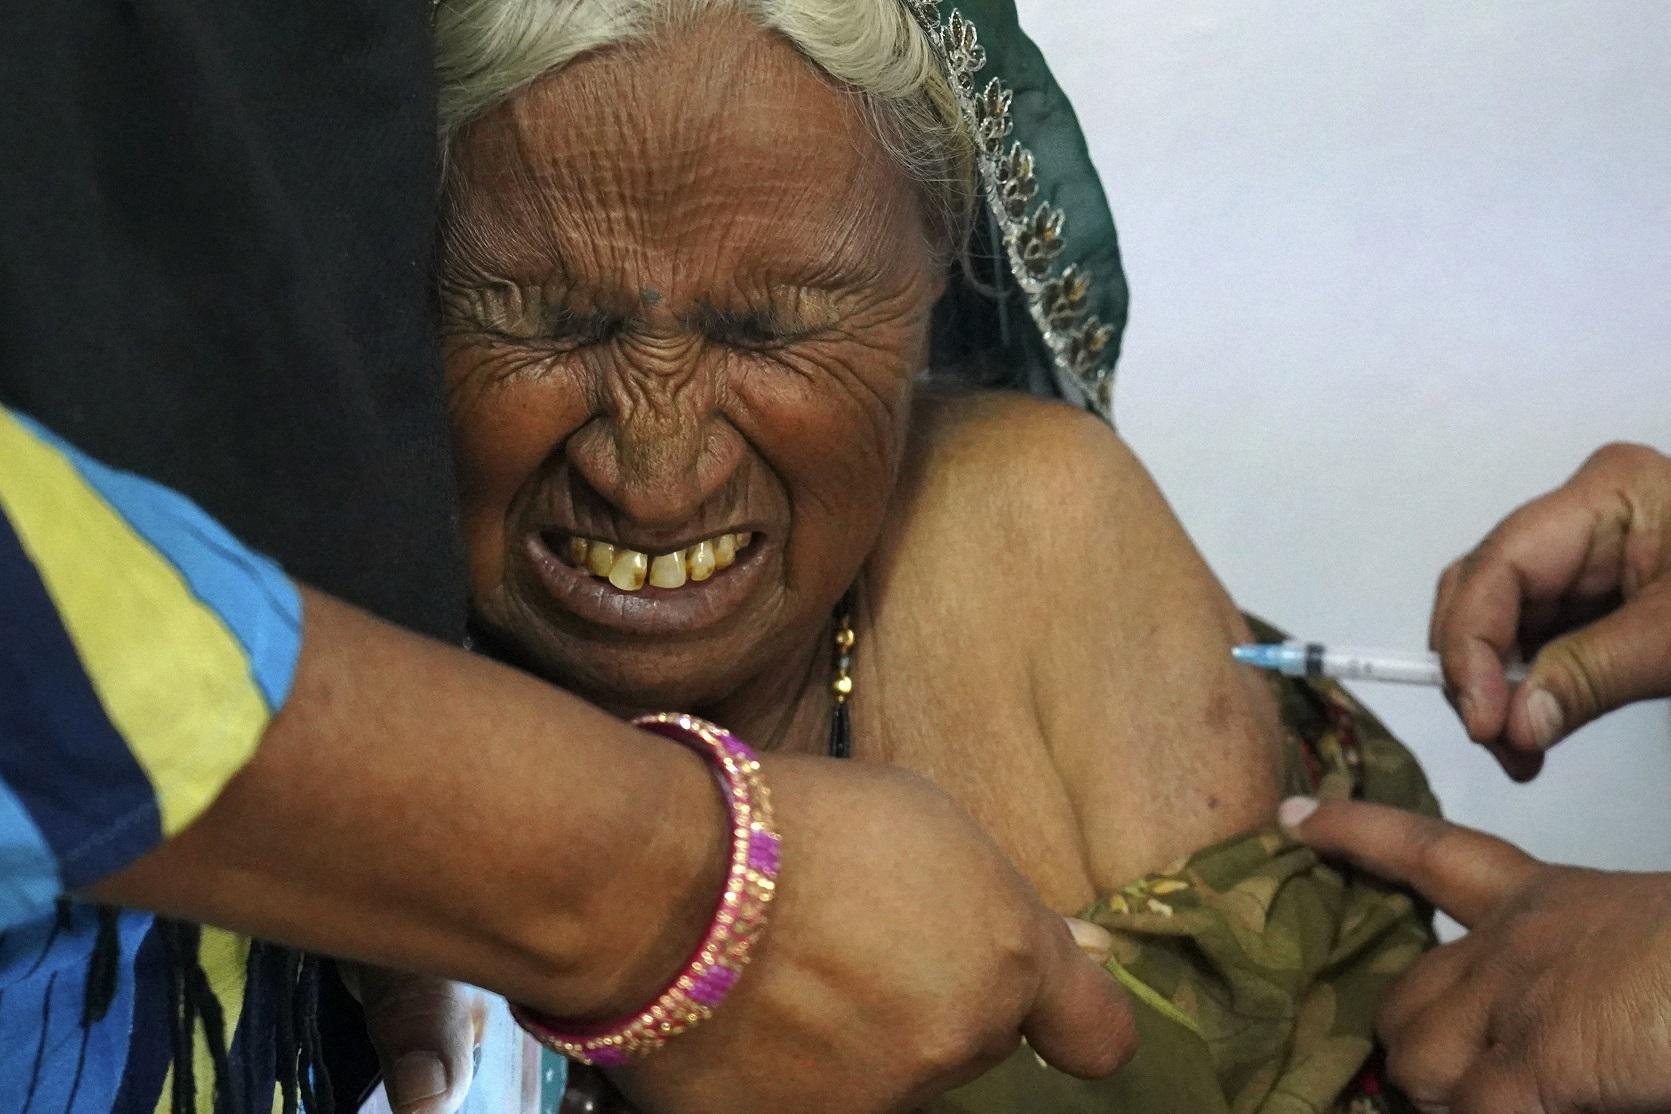 Nos arredores de Ajmer, na Índia, idosa recebe a sua dose da vacina contra a covid-19. Foto Himanshu Sharma/AFP. Março/2021